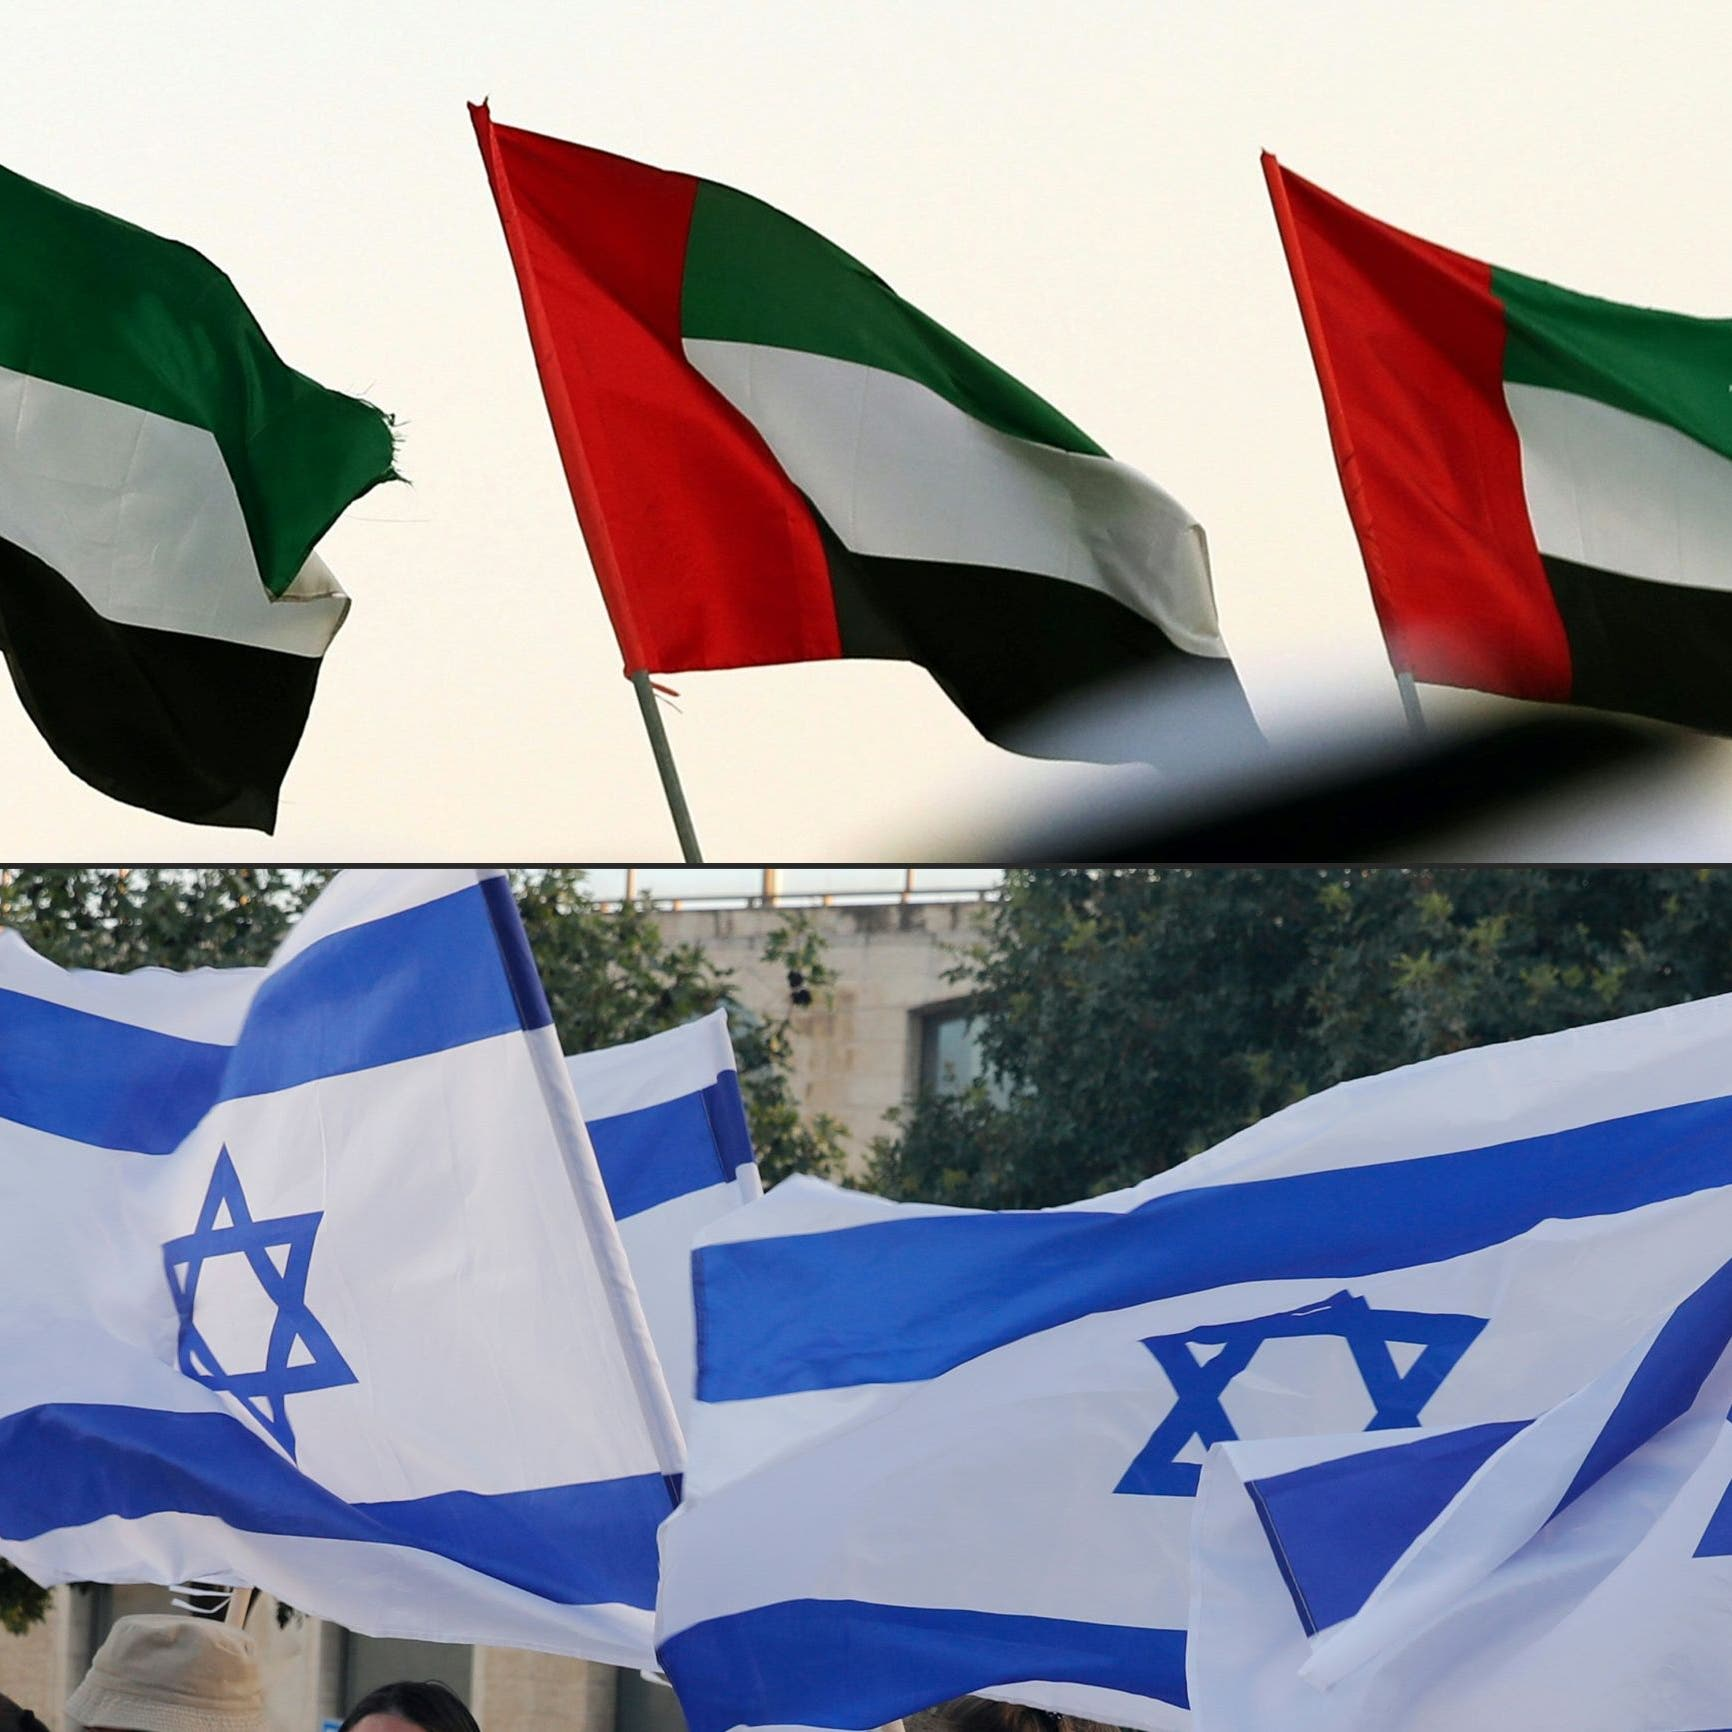 ترحيب عربي ودولي باتفاق ثلاثي يوقف ضم أراضٍ فلسطينية